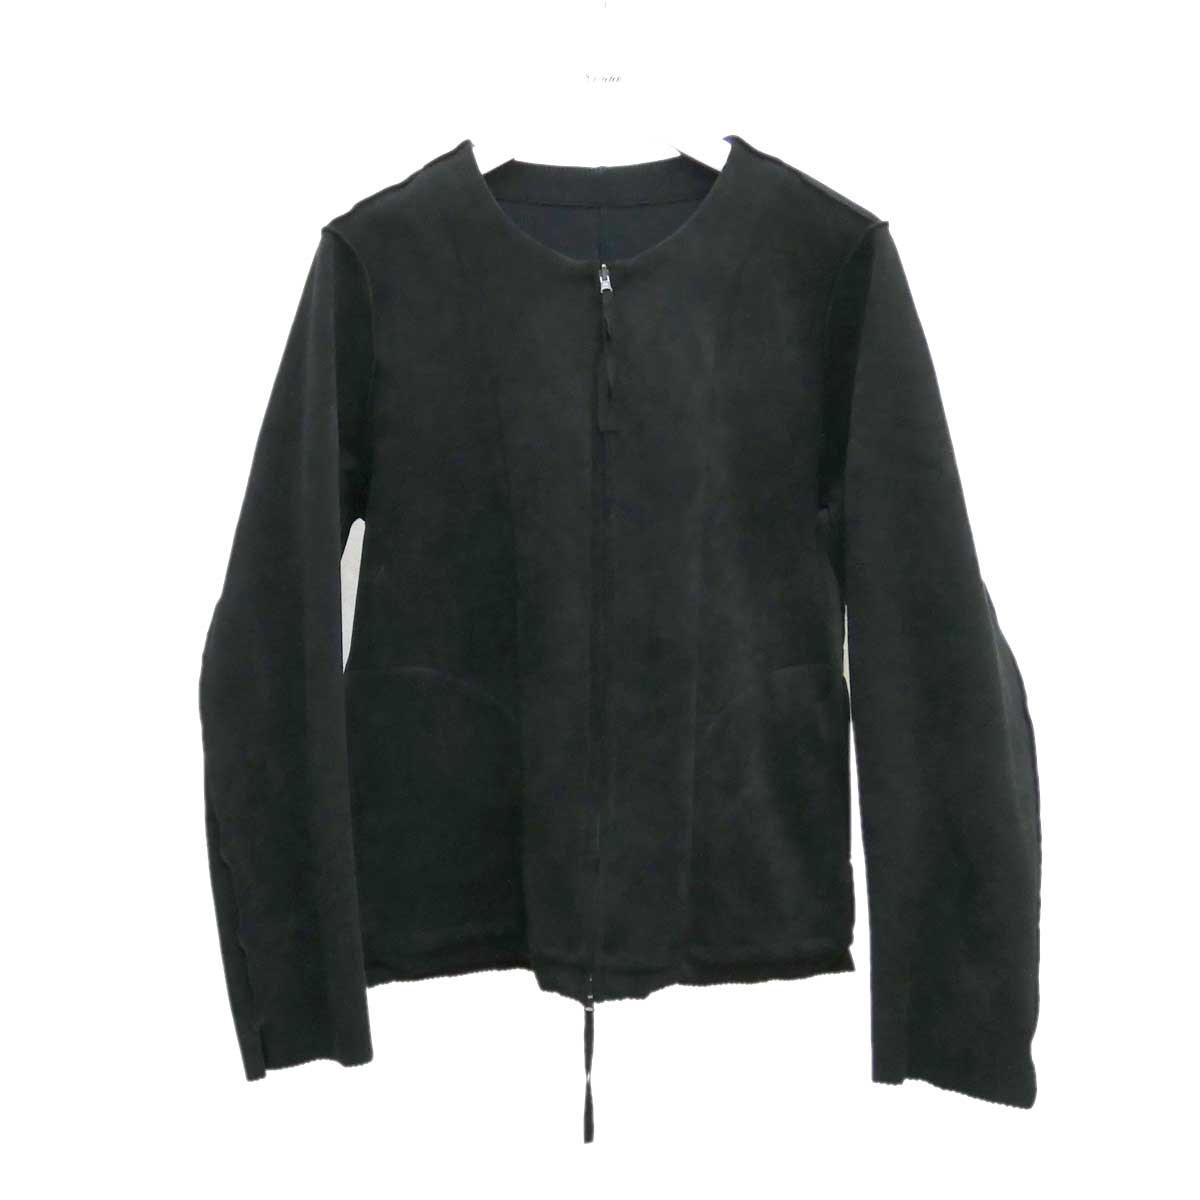 【中古】bukht リバーシブルノーカラージャケット B-66510 ブラック サイズ:0(S) 【070920】(ブフト)